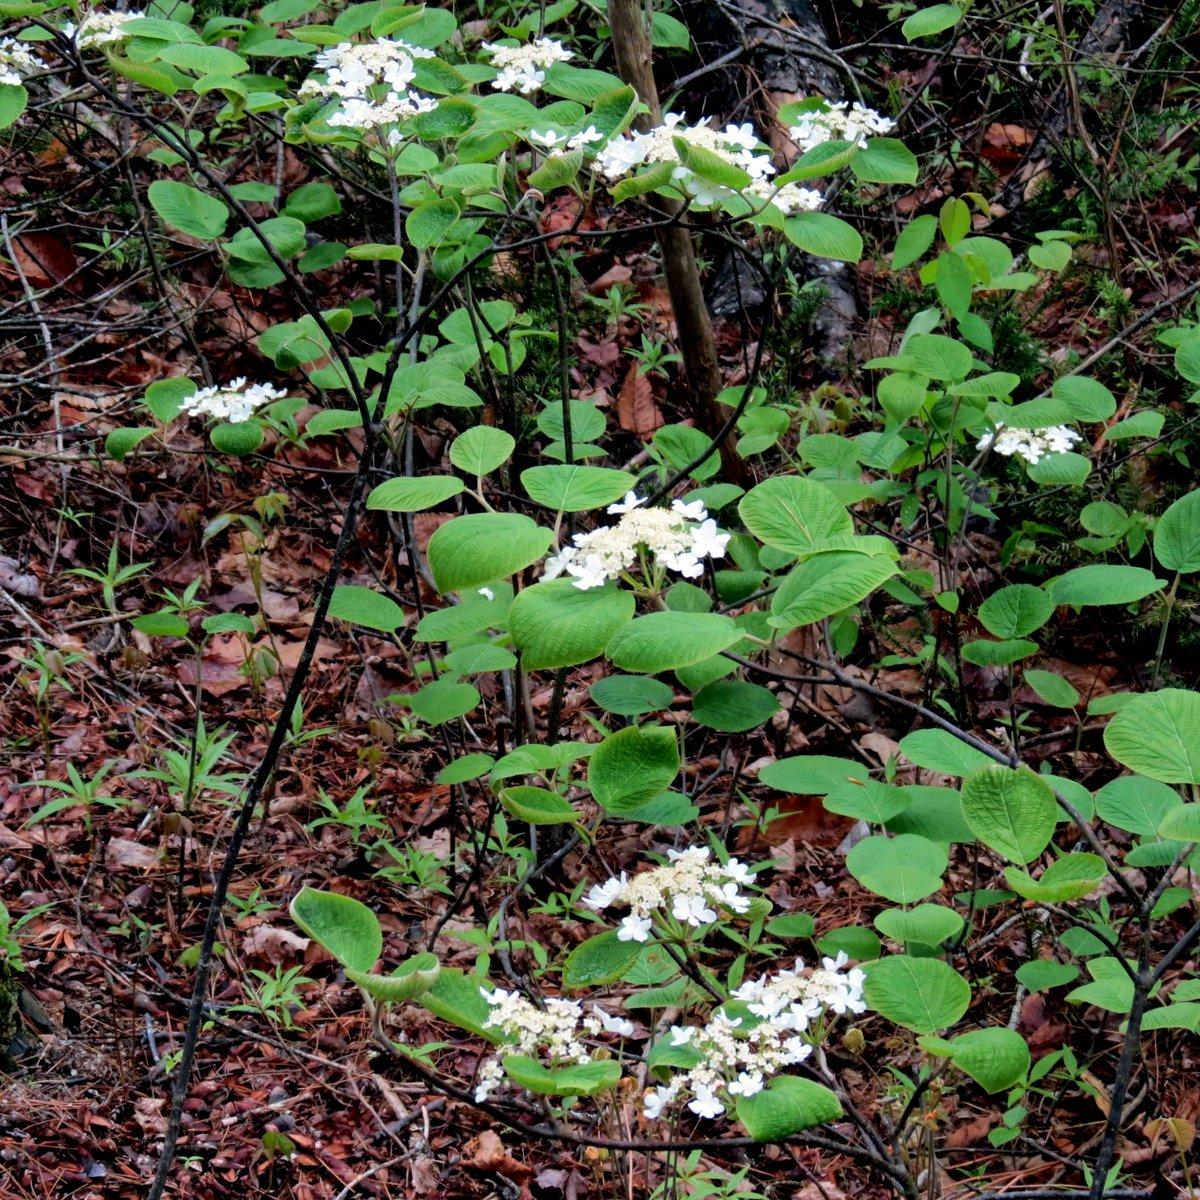 13. Hobblebush Blossoms